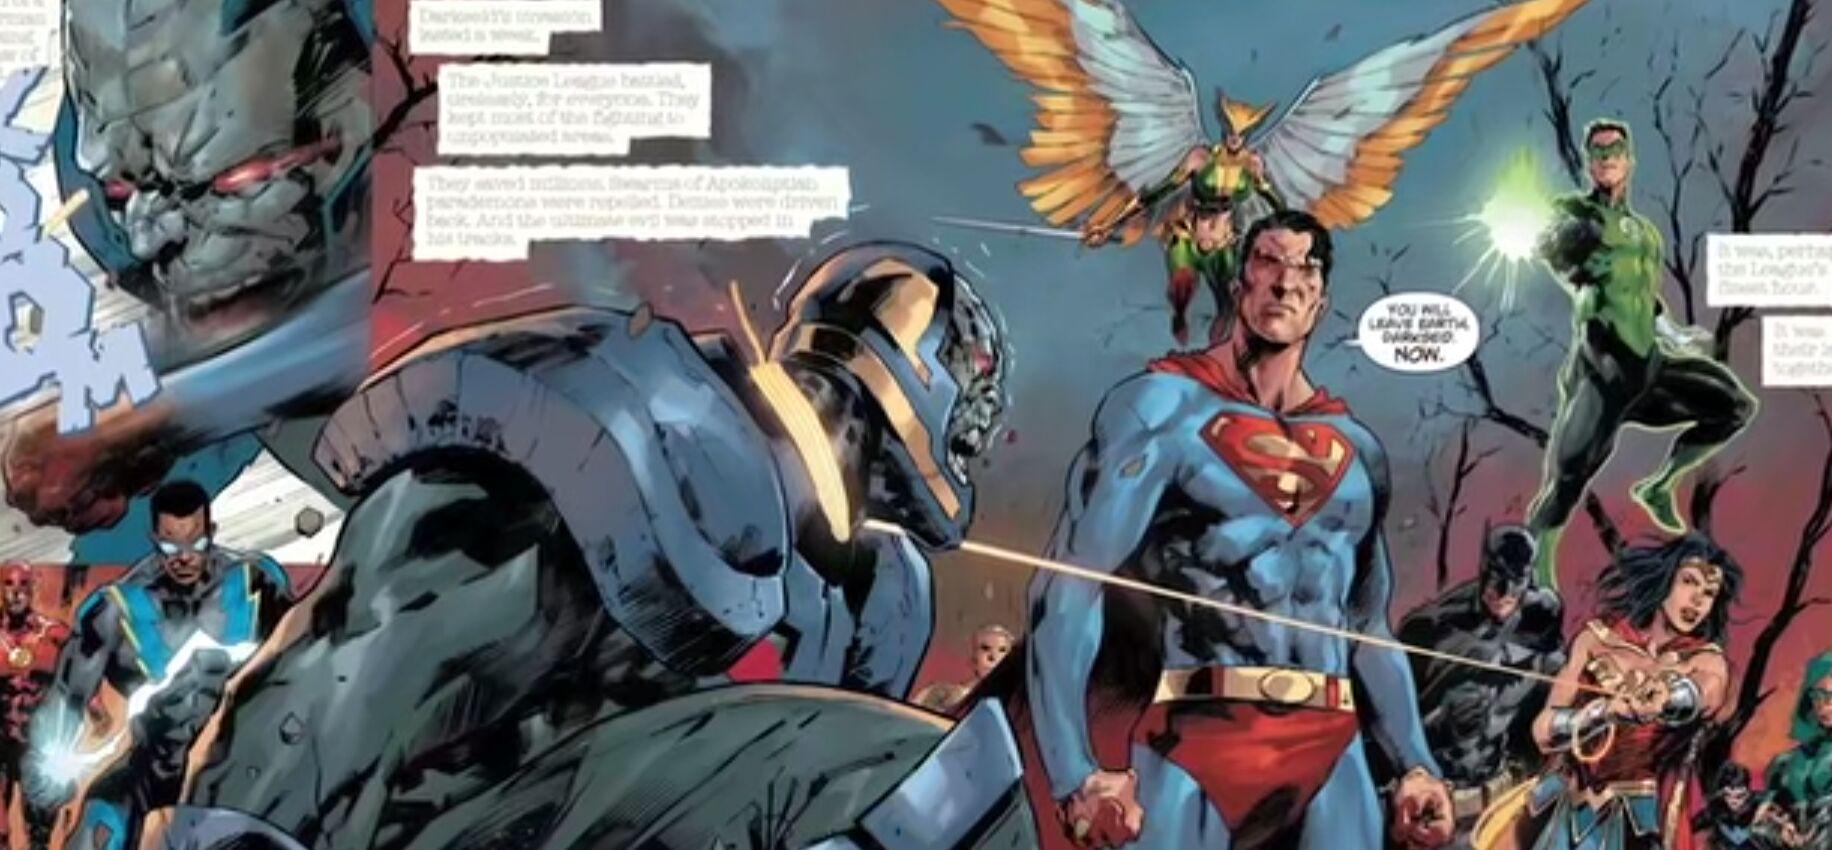 蝙蝠侠成丧尸被阿福杀死,超人手刃六亿平民?DC丧尸宇宙来袭